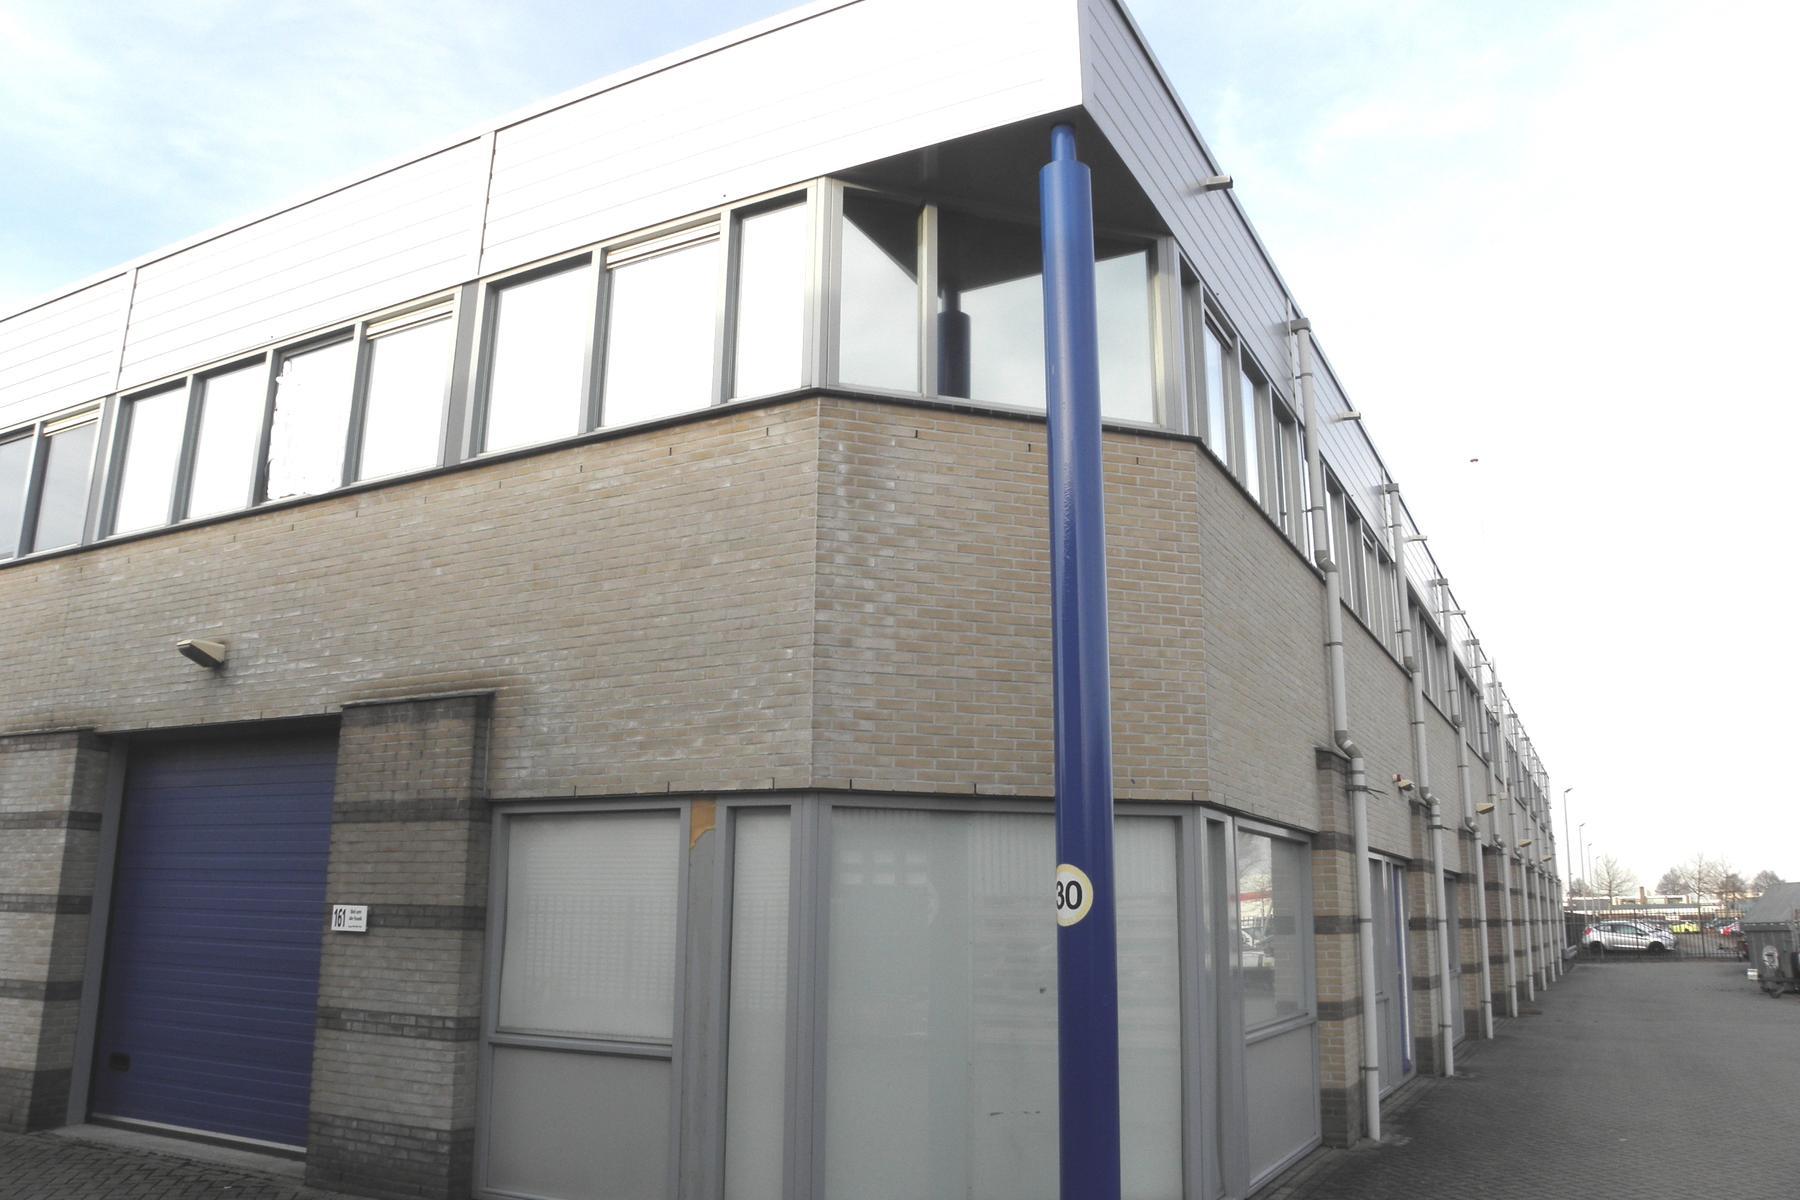 168 m² bedrijfsruimte te huur Chromiumweg 161 Amersfoort via ReBM Bedrijfsmakelaardij Amersfoort